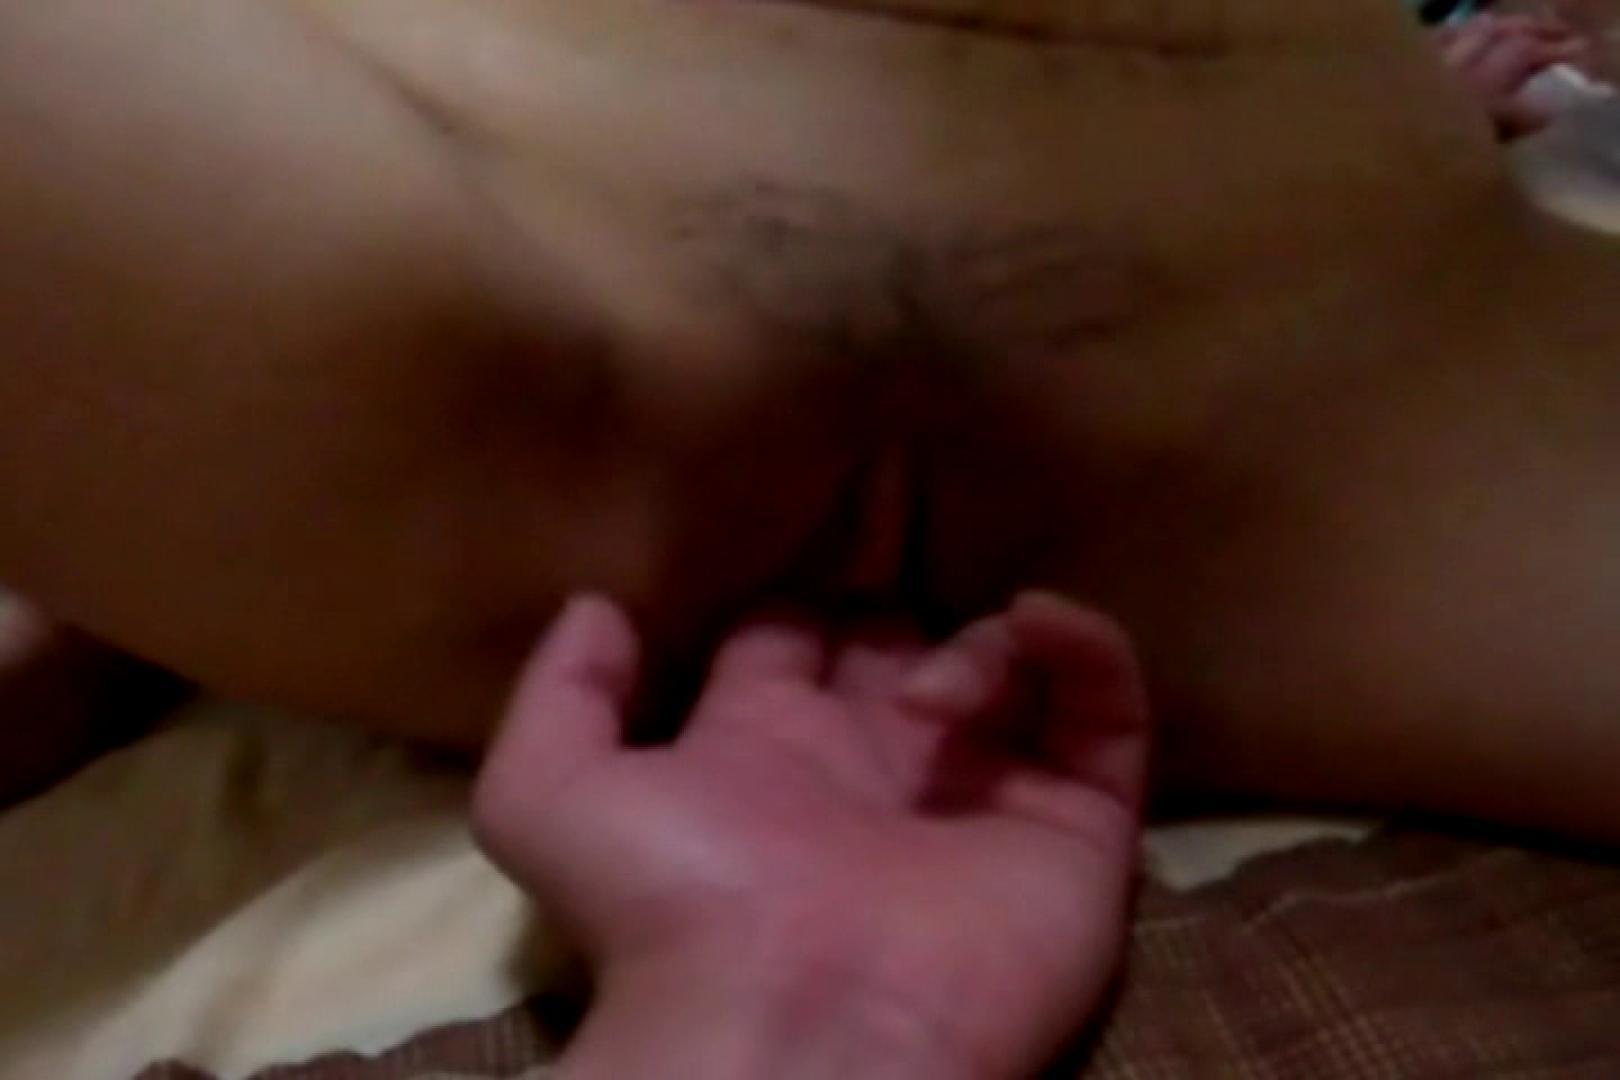 ウイルス流出 Ownerのハメ撮り映像 マンコ  71連発 26